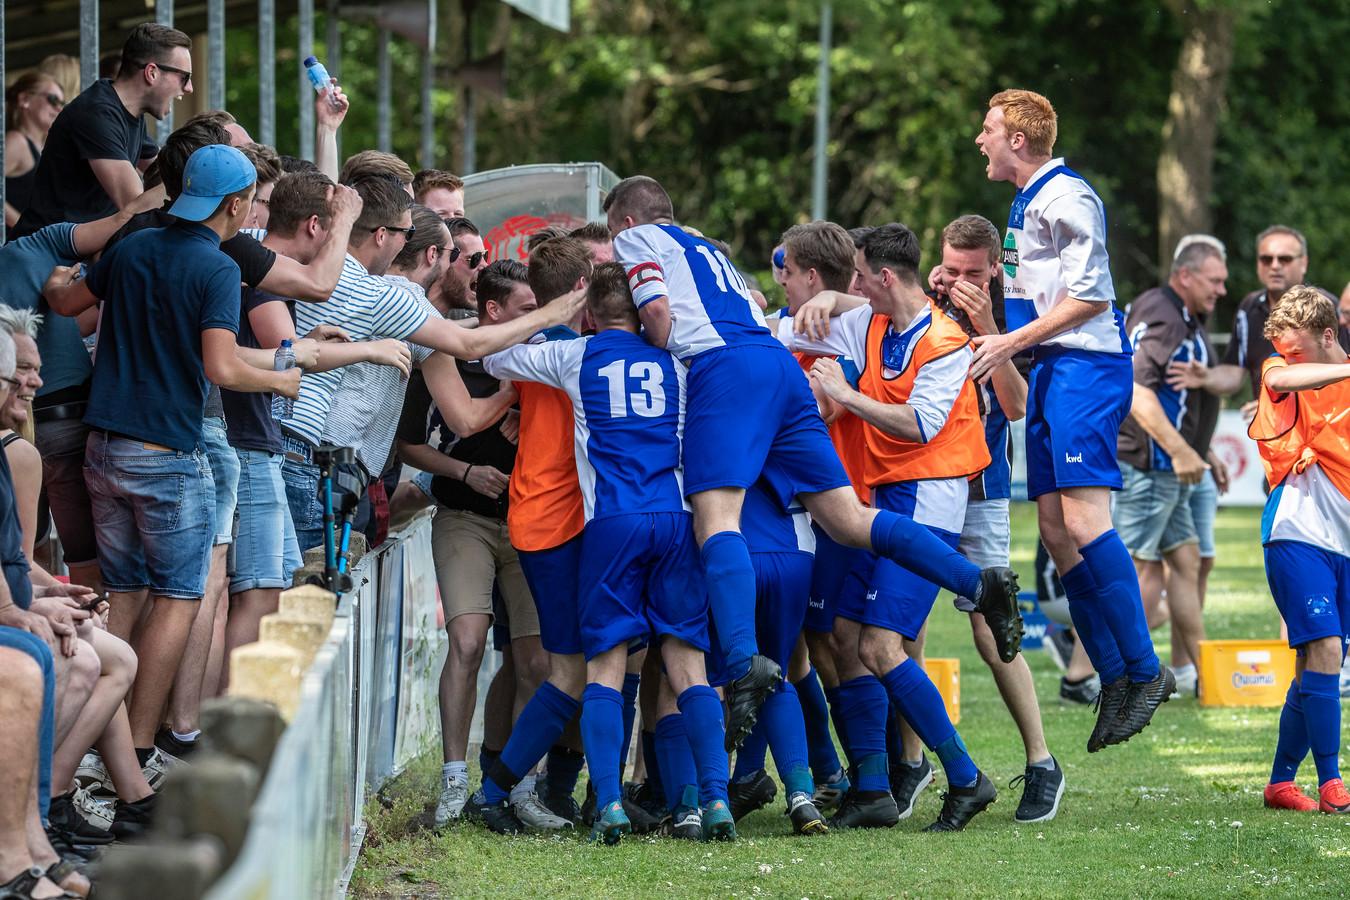 Het gepromoveerde Loo speelt de derby tegen SC Groessen.